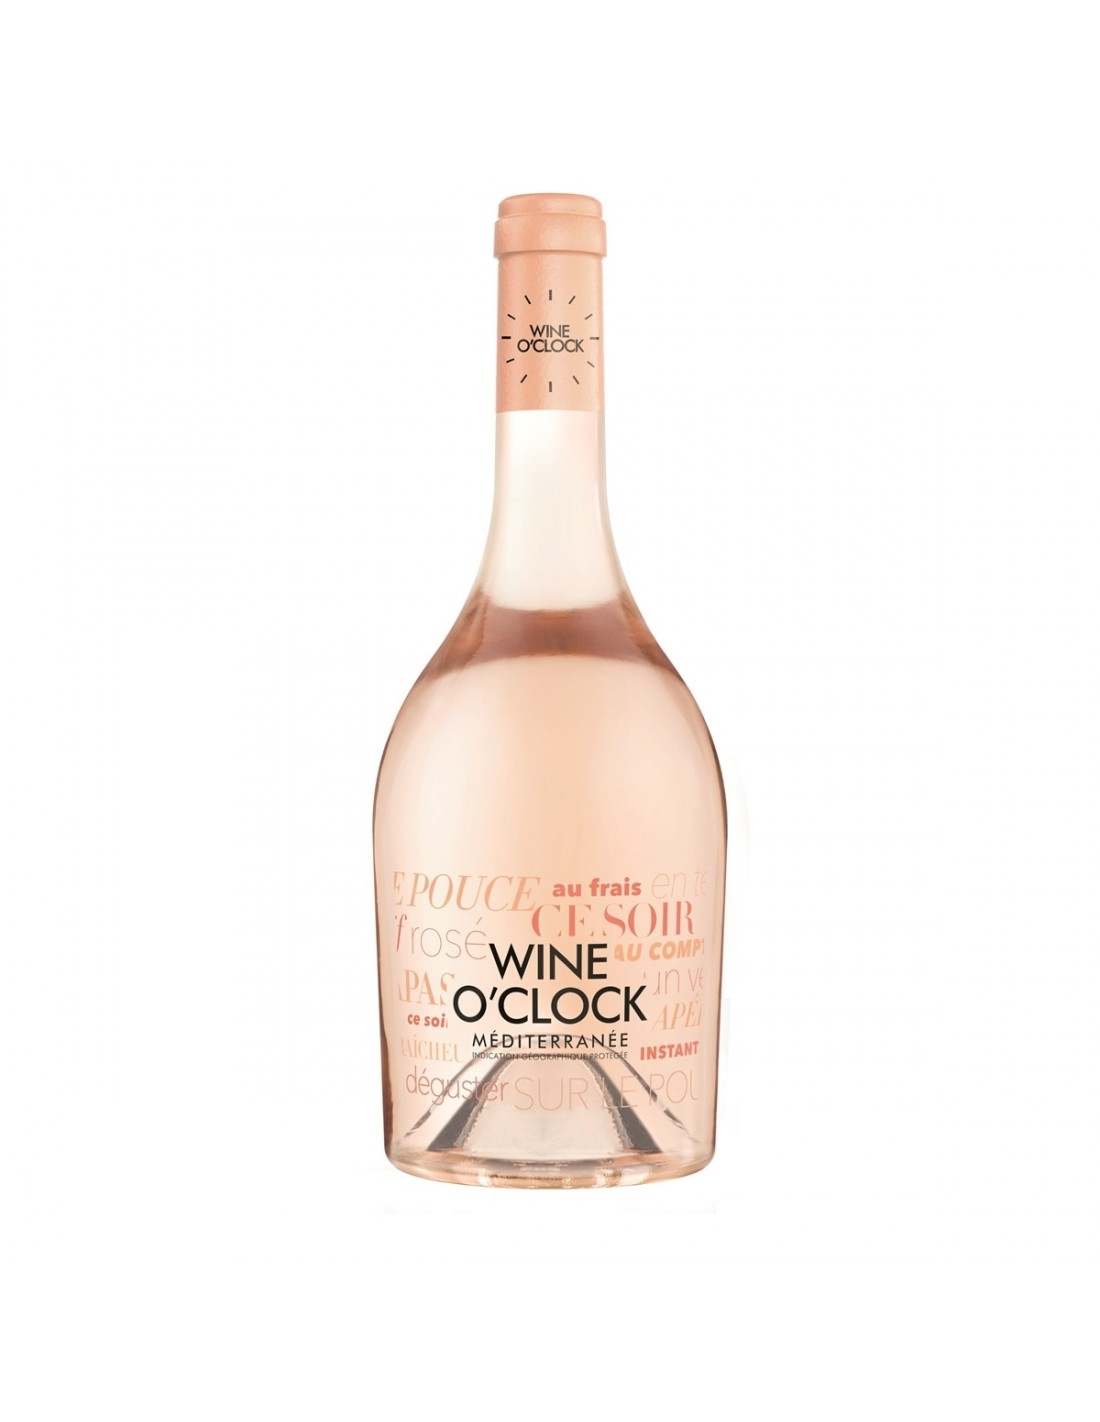 Vin roze, Wine OClock Méditerranée, 1.5L, 12% alc., Franta